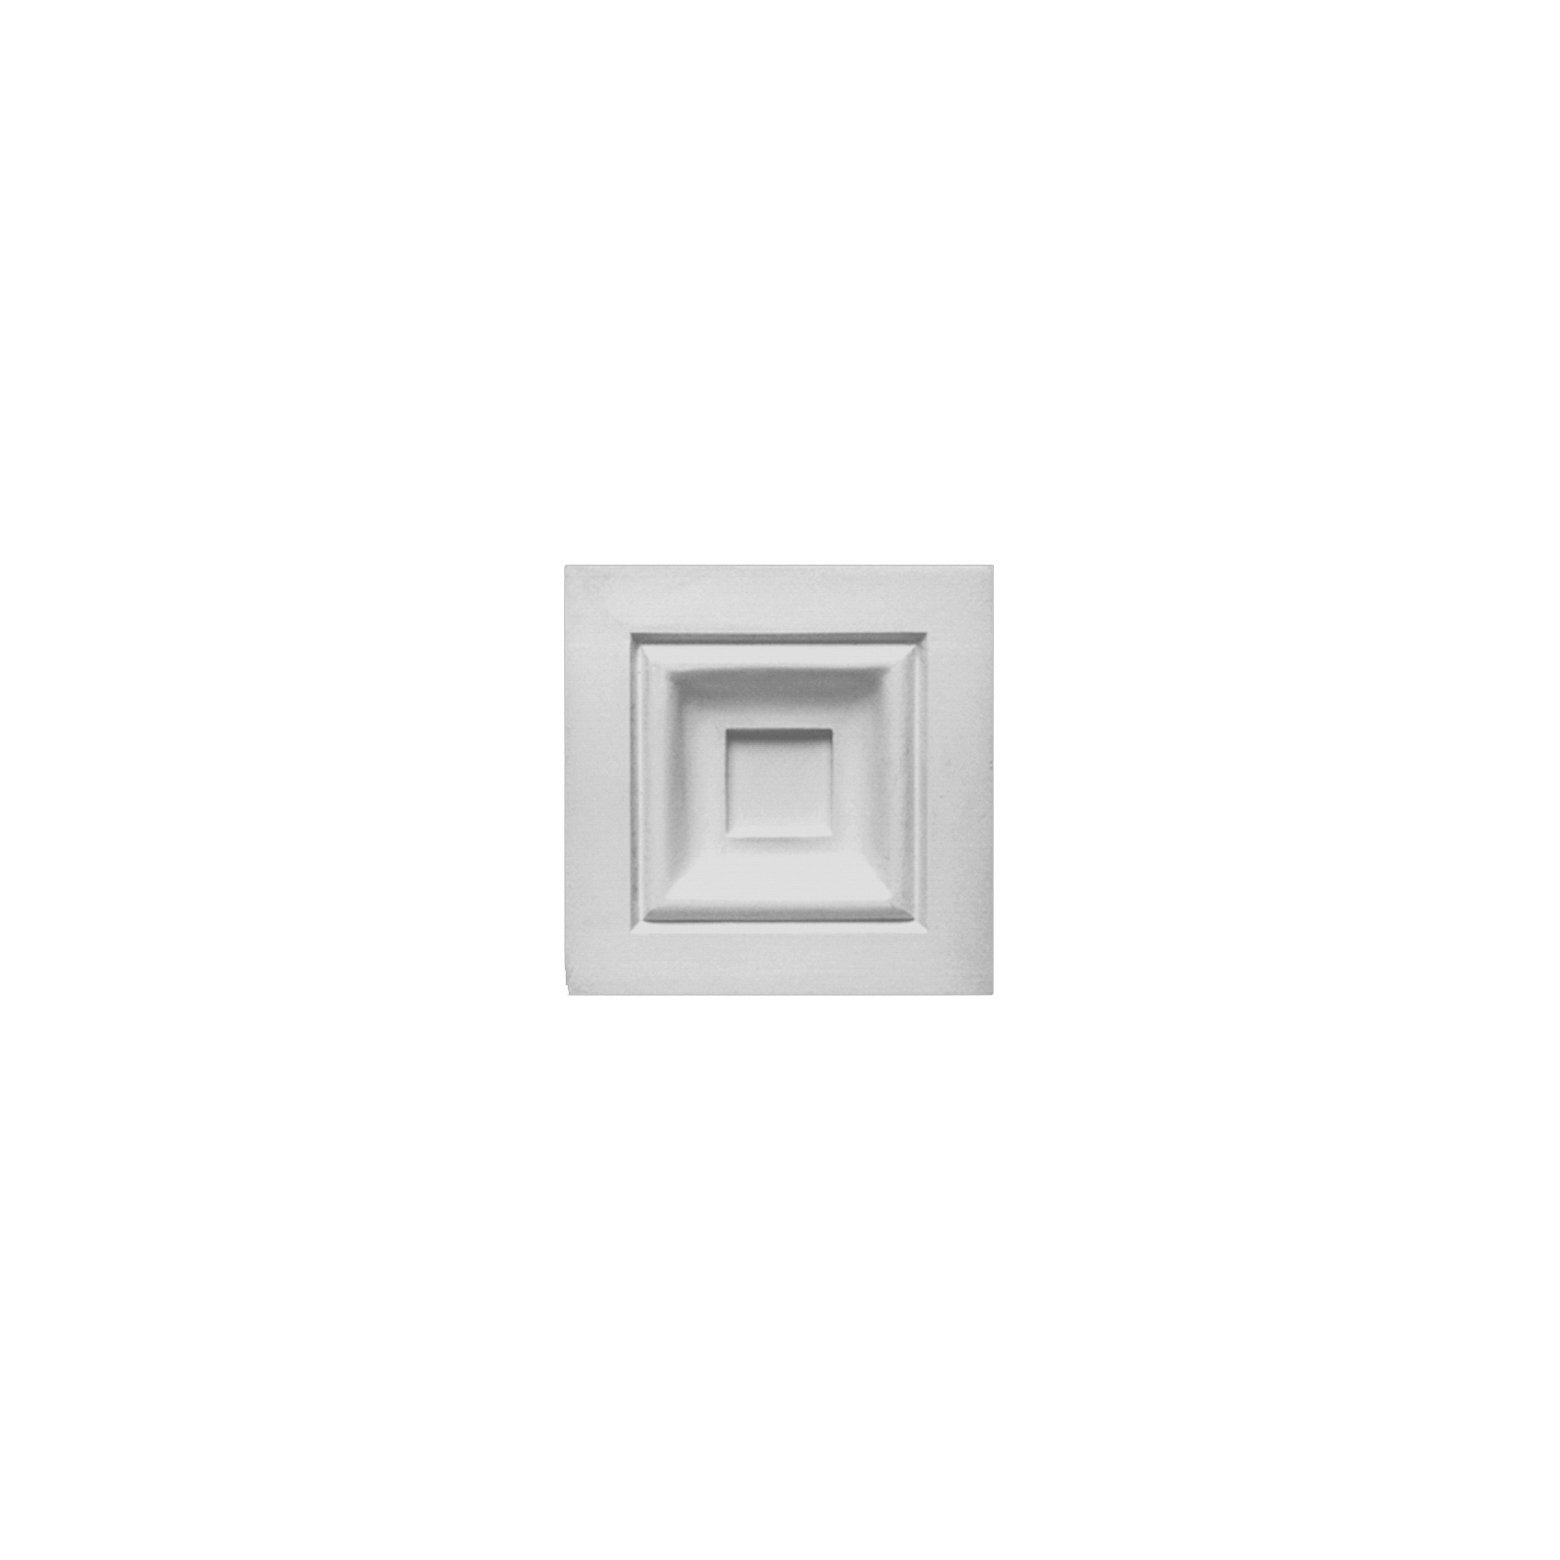 Narożnik do zabudowy drzwiowej D200* (wym.9.6x3x9.6cm)